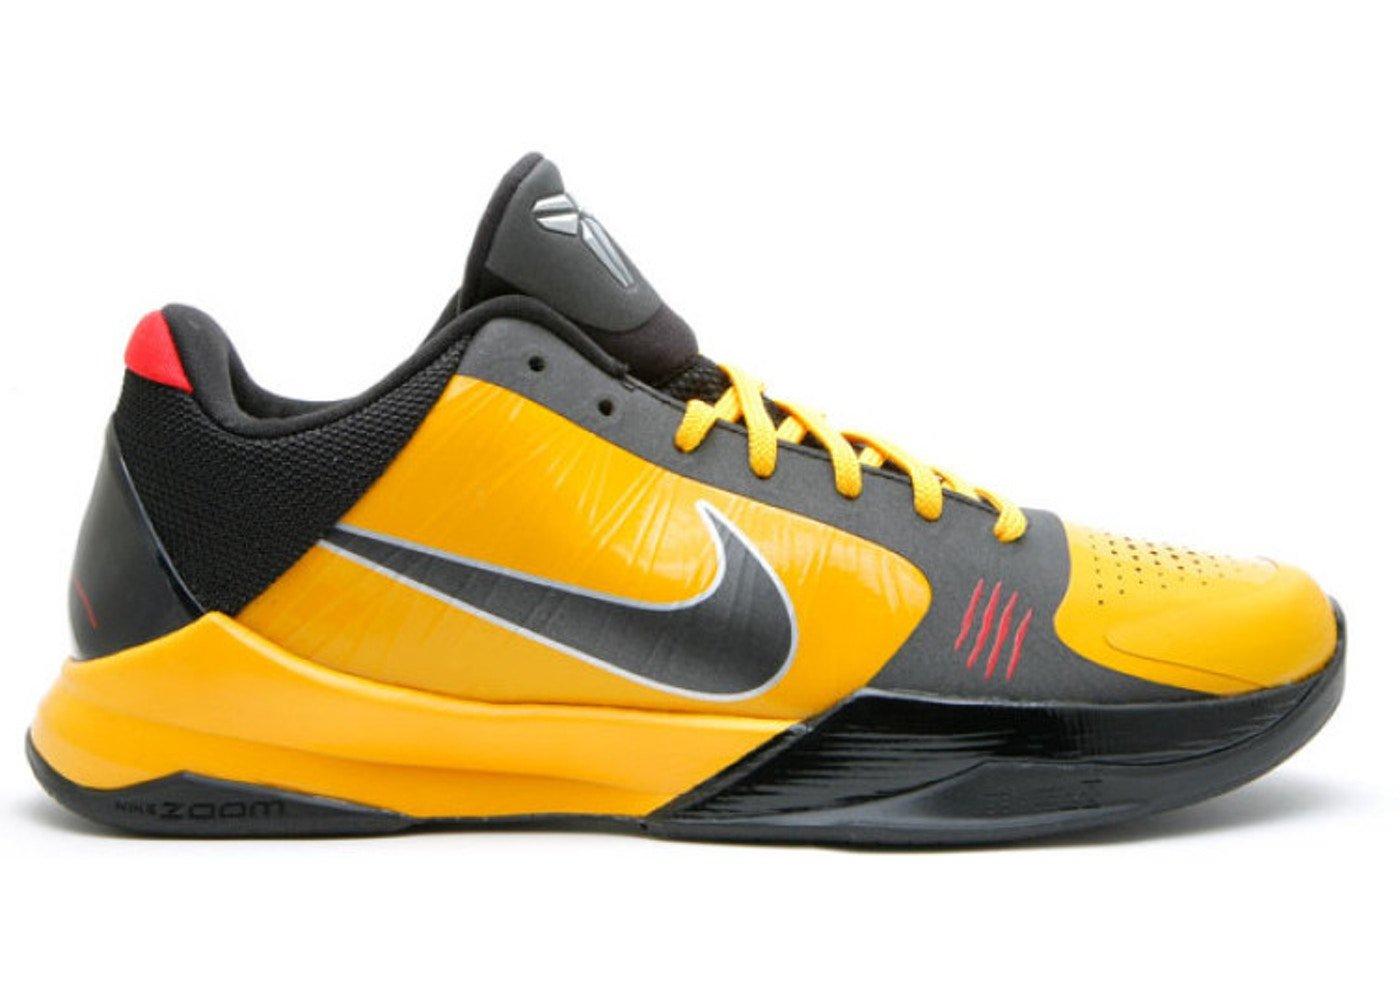 What Pros Wear Kobe Bryant\u0027s Nike Zoom Kobe 5 Shoes , What